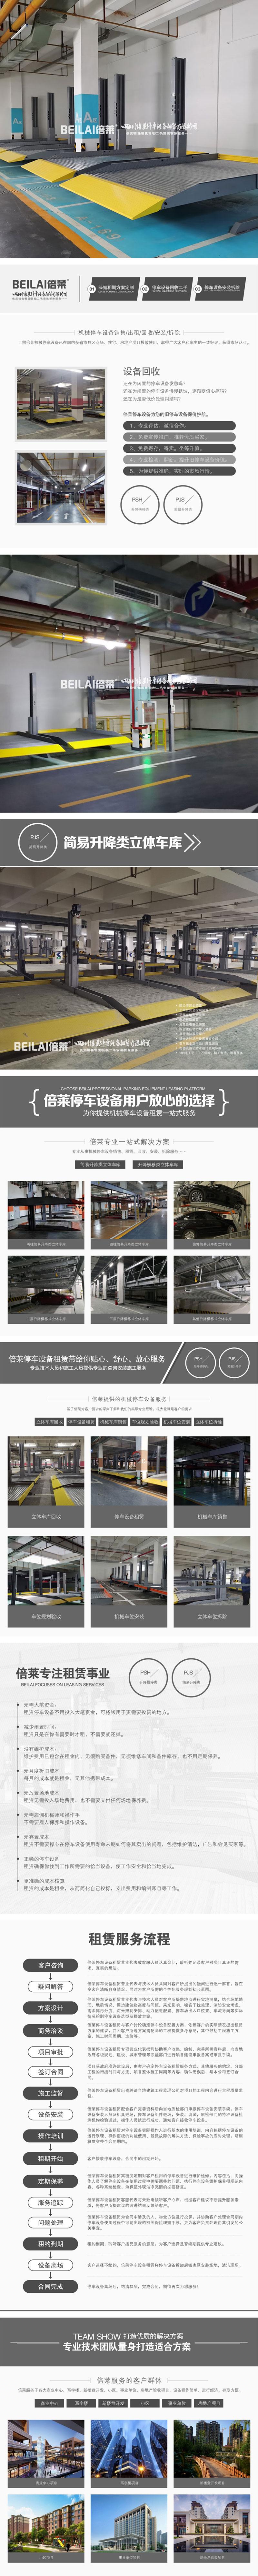 重慶立體停車二手雷波簡易升降式立體車庫倍萊機械車庫